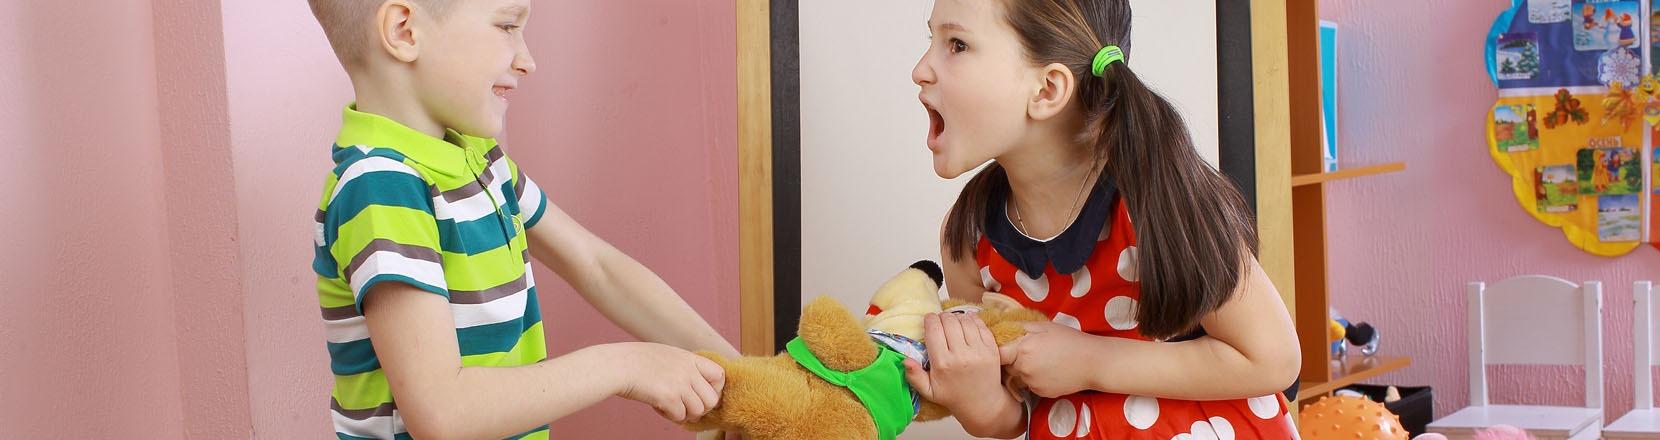 Litigano sempre, quando i figli sono i tuoi, due bambini litigano contendendosi un gioco